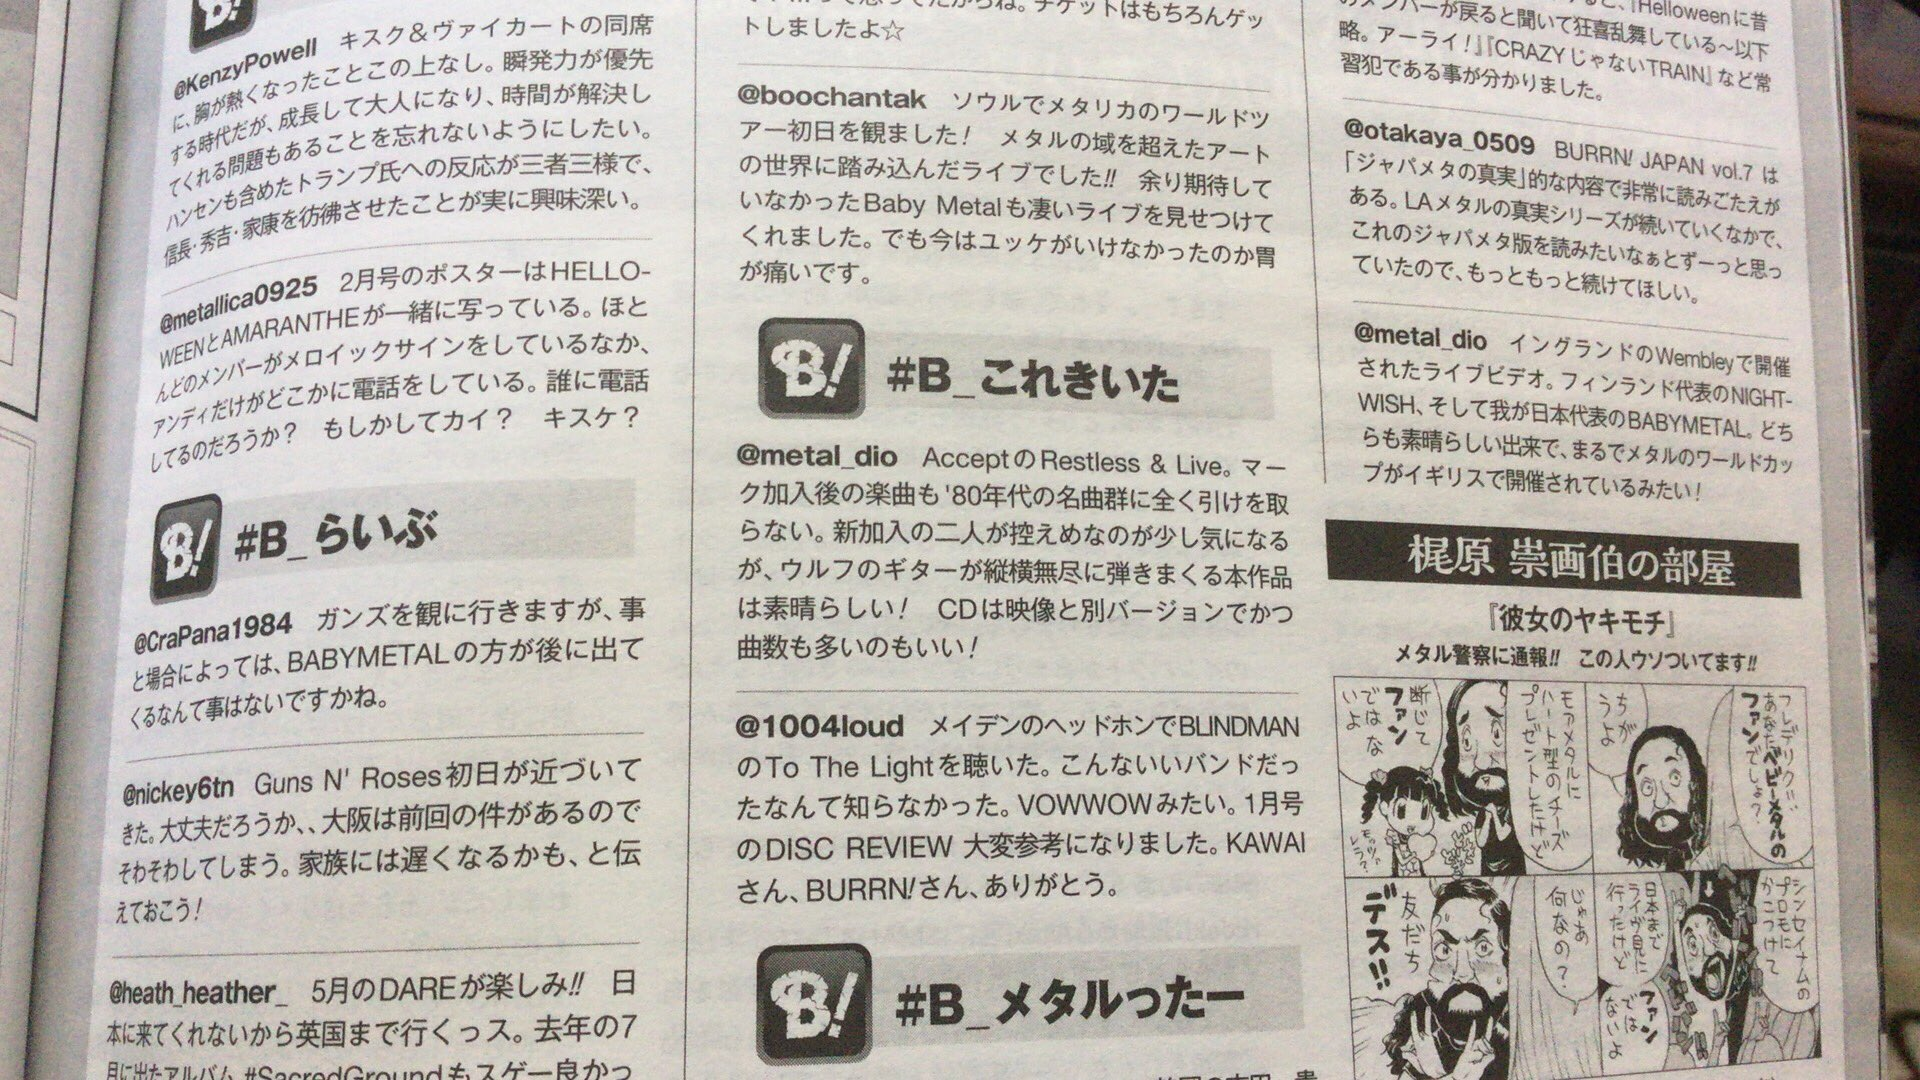 【エンタメ画像】「BURRN!」3月号の読者投稿にBABYMETALのネタ